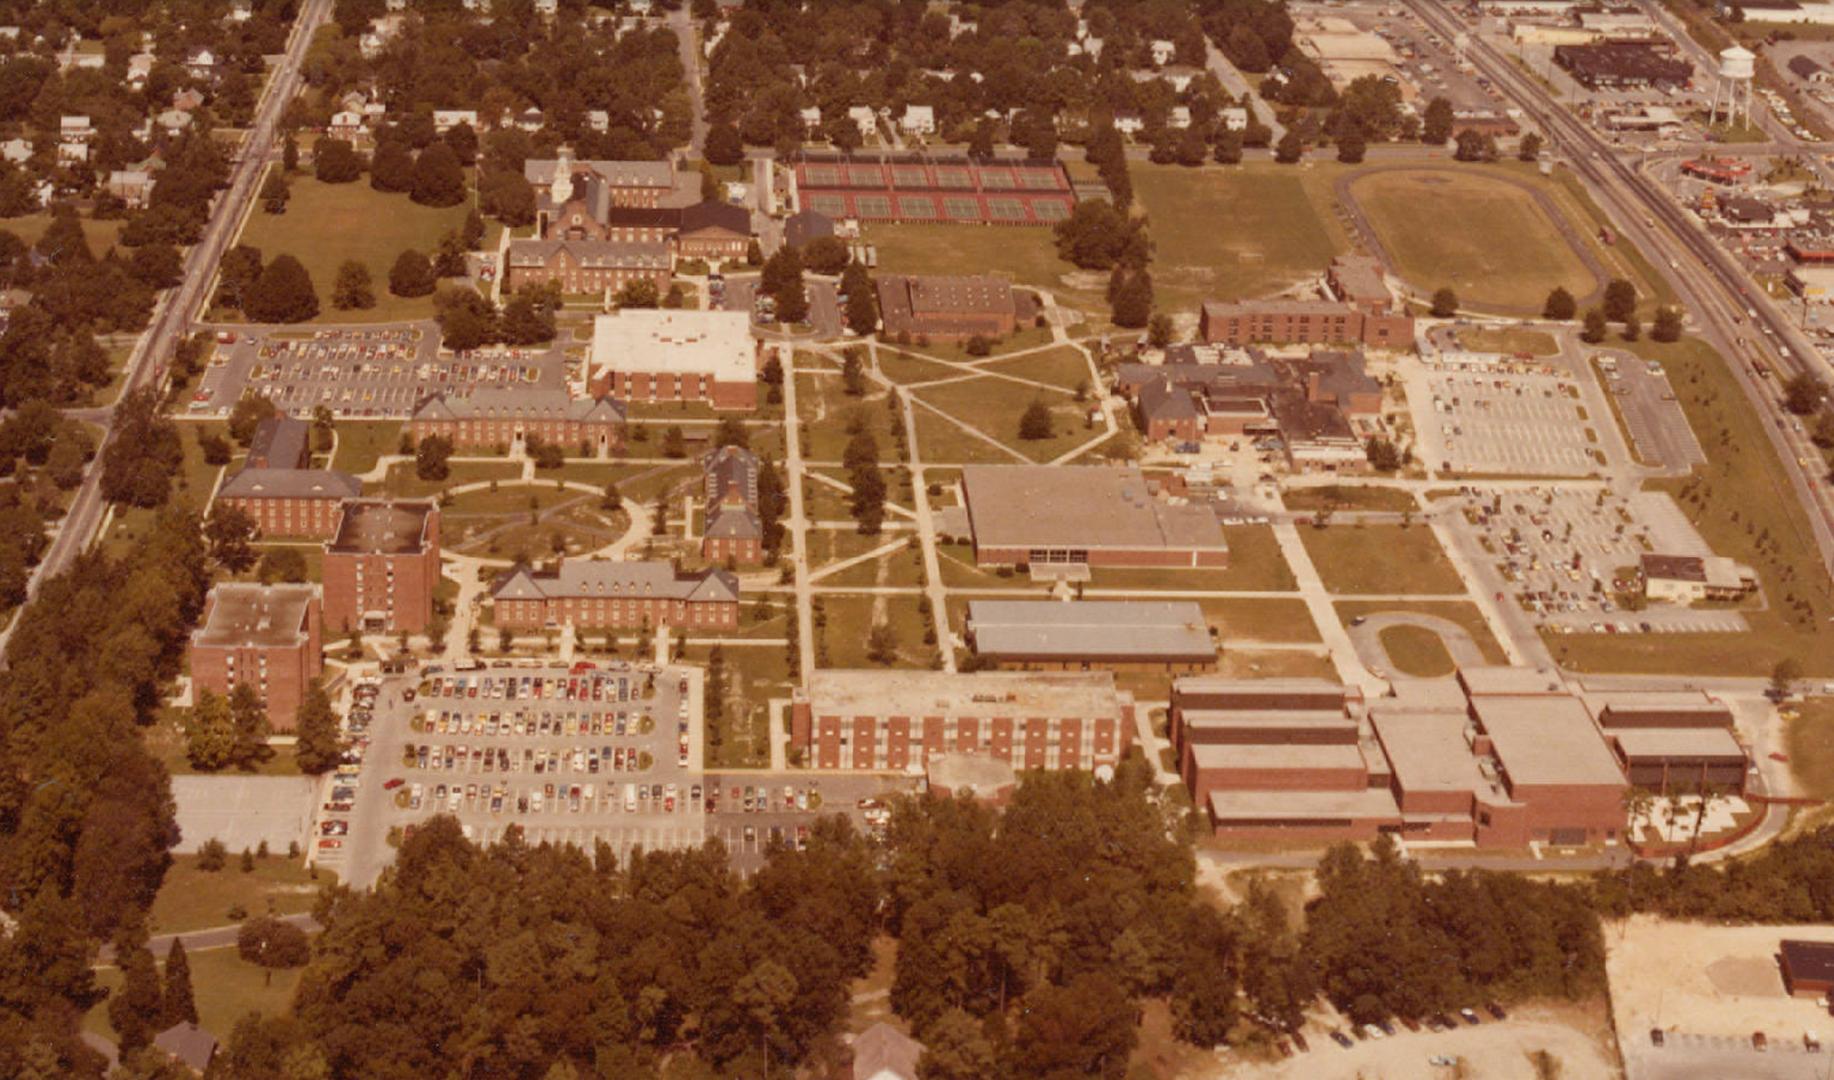 SSC Campus, 1986